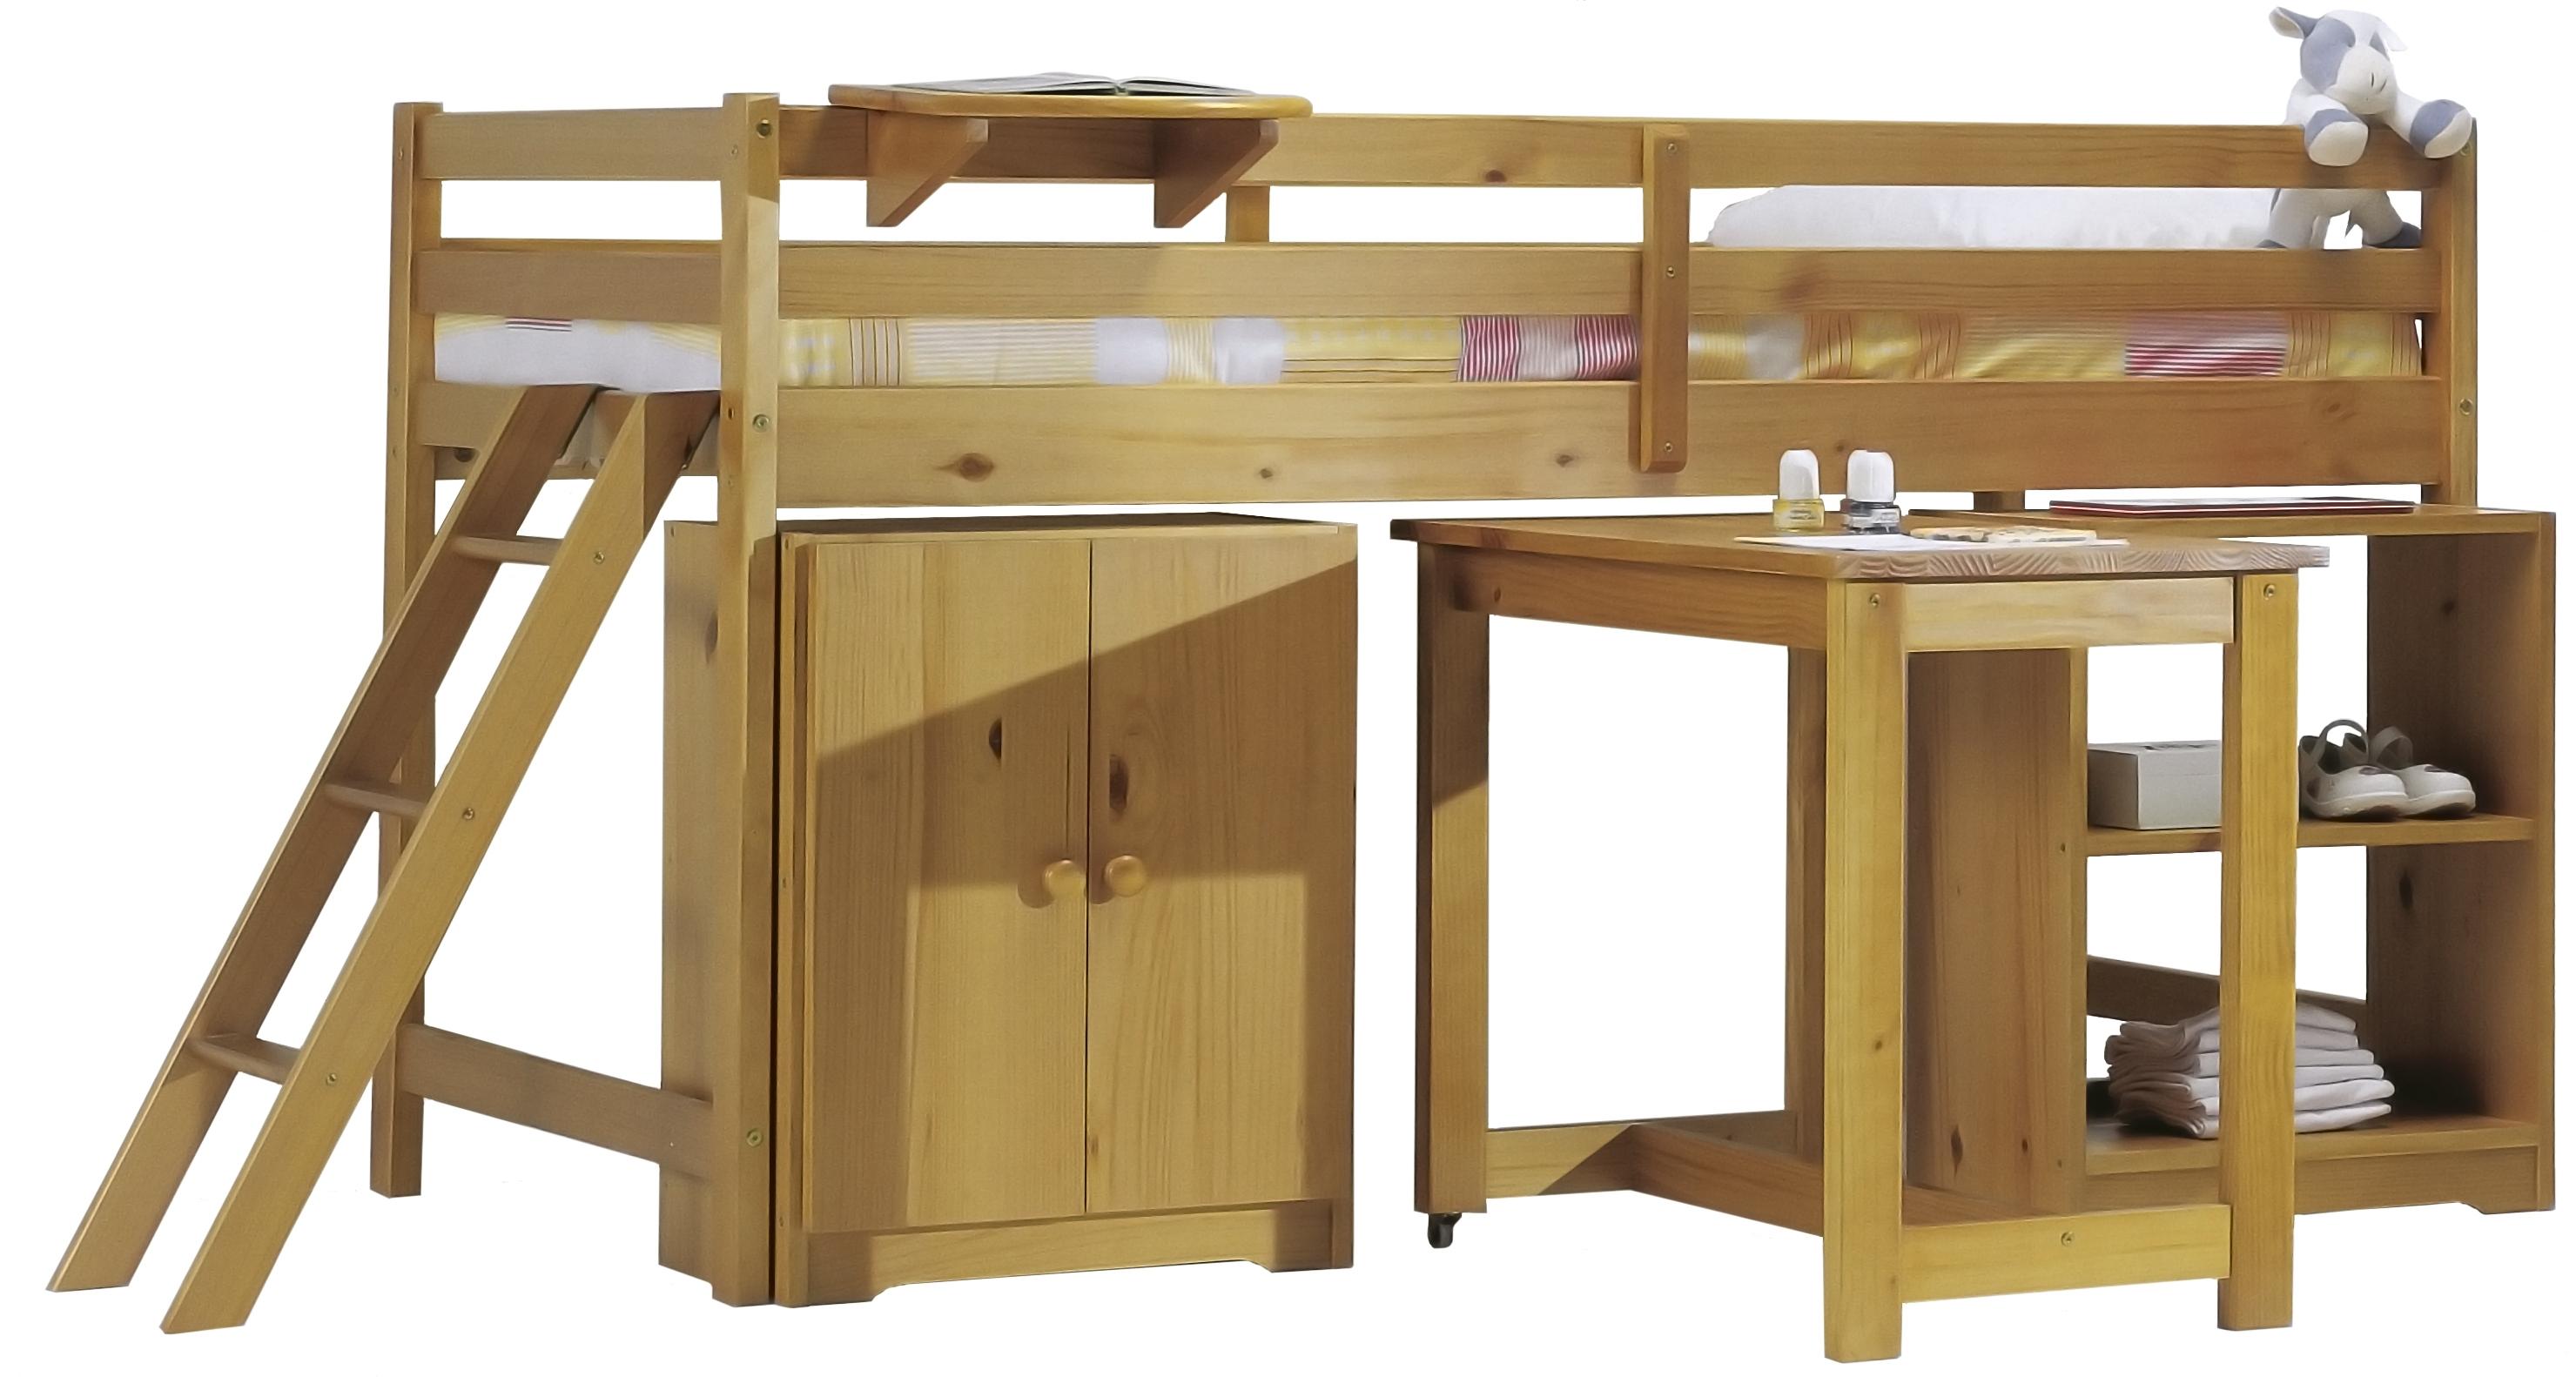 Ensemble lit mezzanine 90 x190 cm pin massif miel cabine - Lit mezzanine pin massif ...